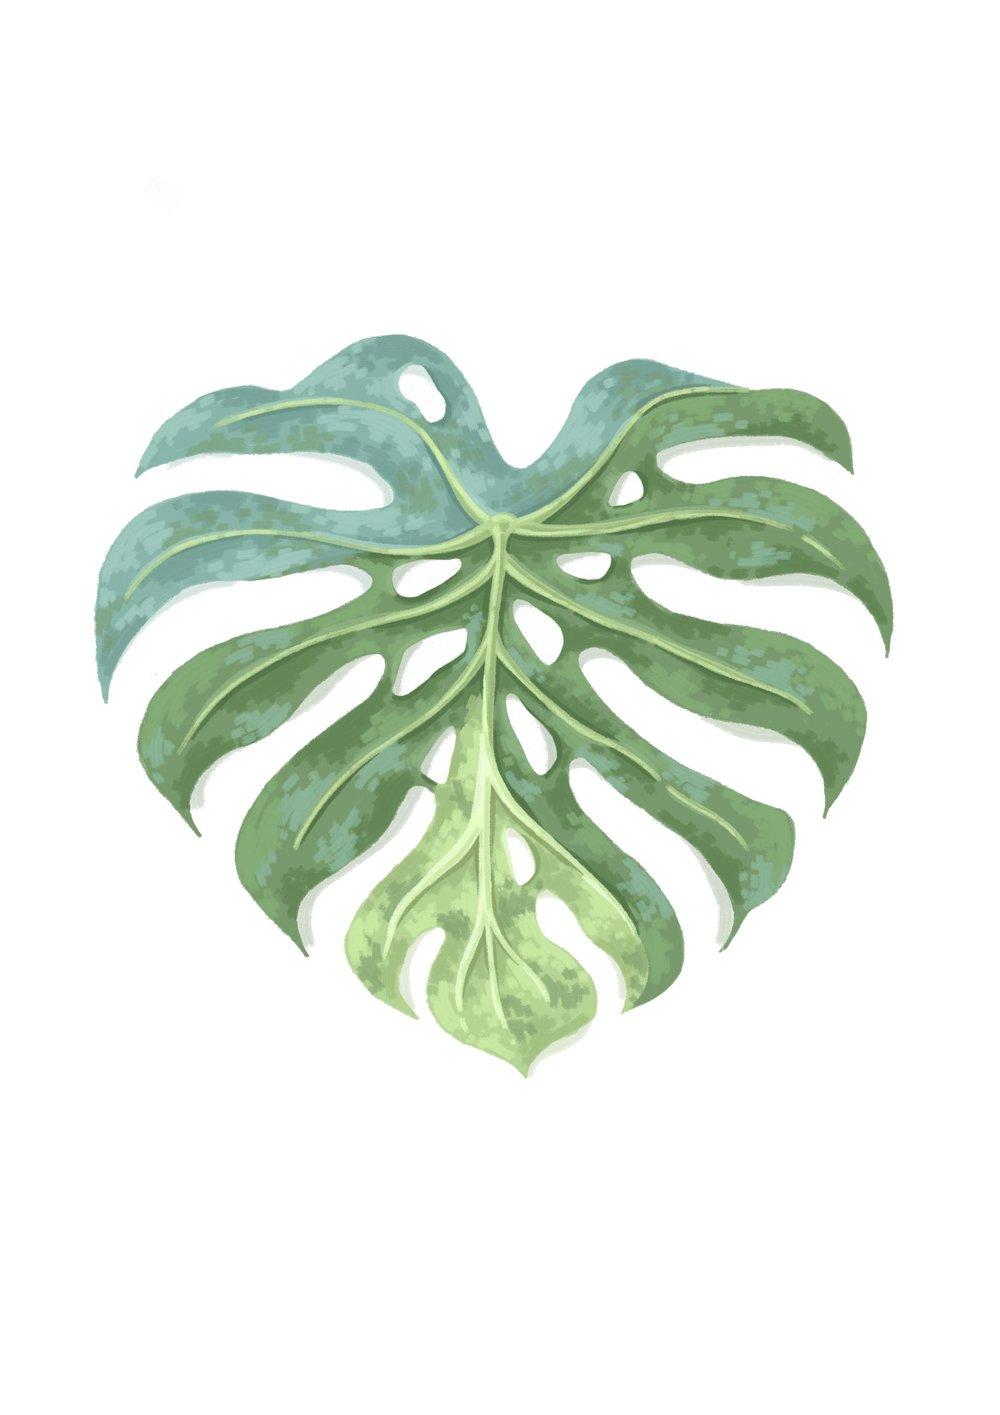 Tropical monstera leaf illustration.